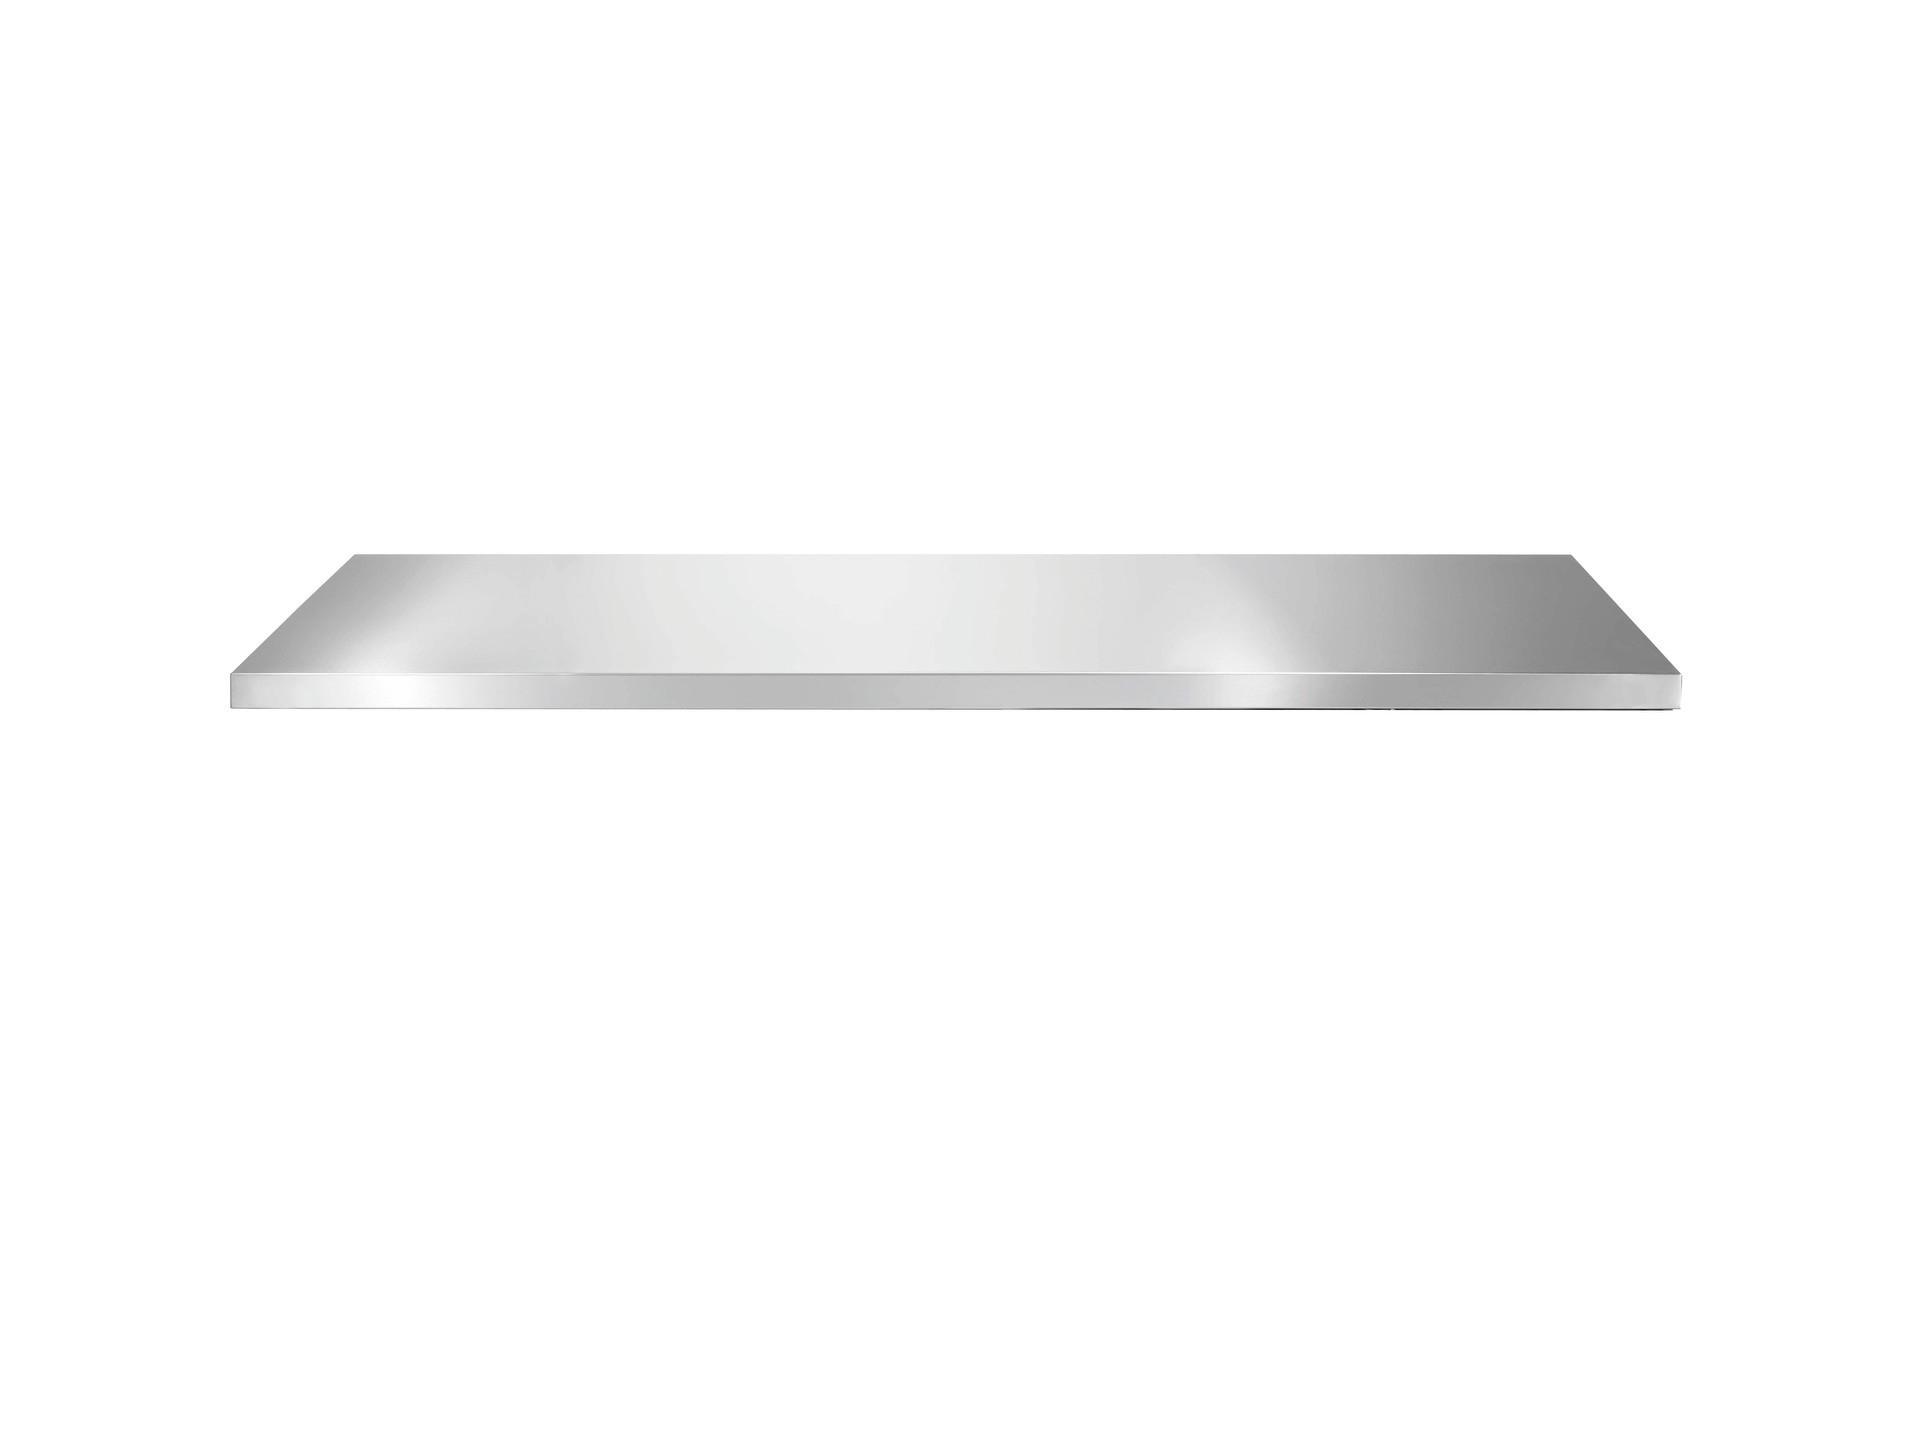 arbeitsplatte f k hltisch 1721 x 700 mm ohne aufkantung hase co. Black Bedroom Furniture Sets. Home Design Ideas